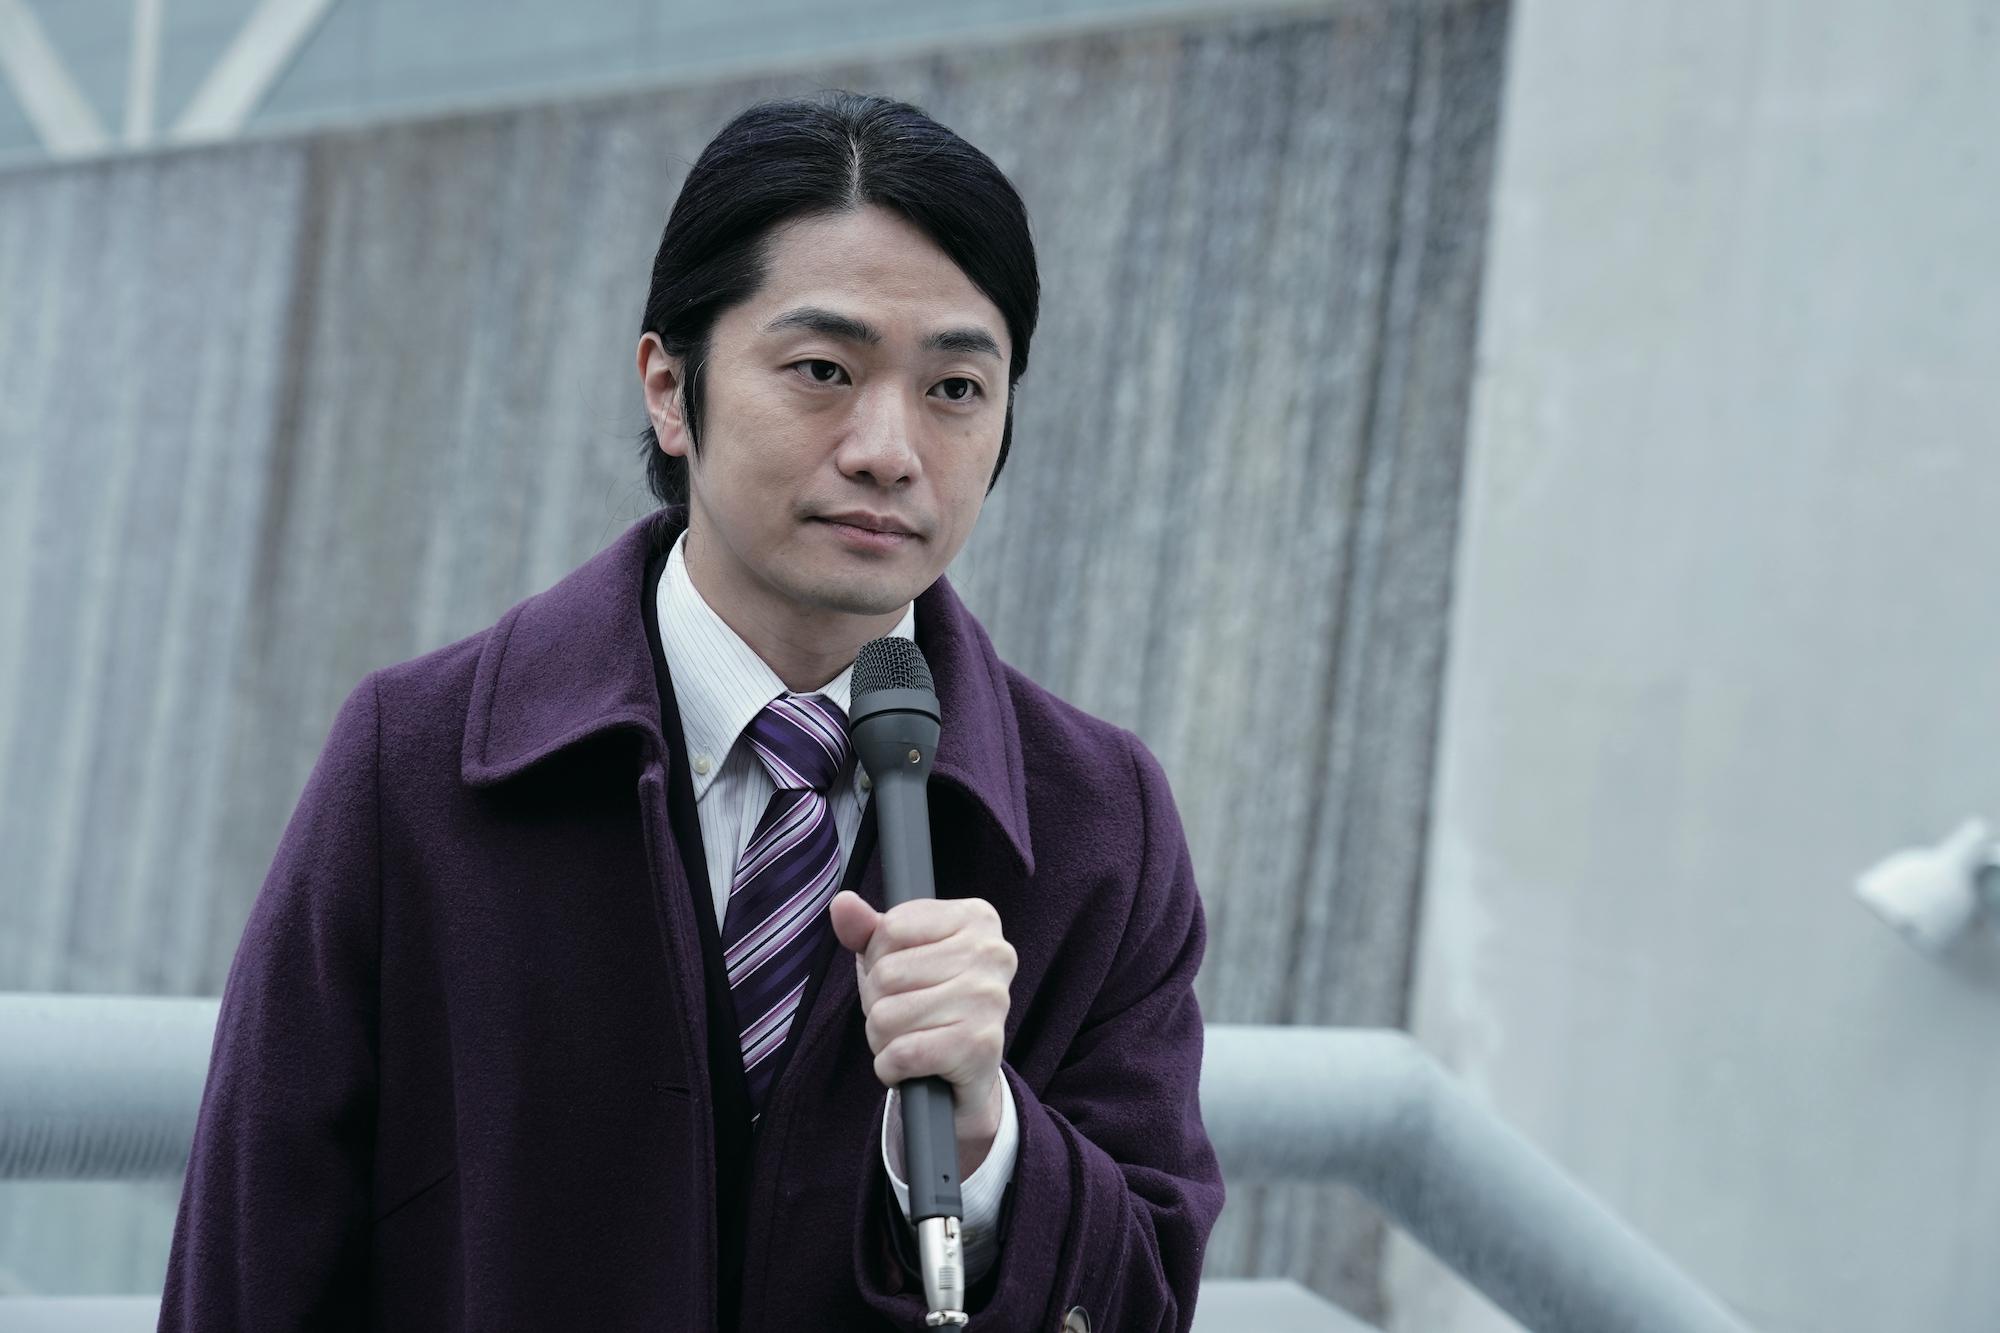 福山潤さんが「科捜研の女 -劇場版-」にアナウンサー役で登場!「張り切って演じました」